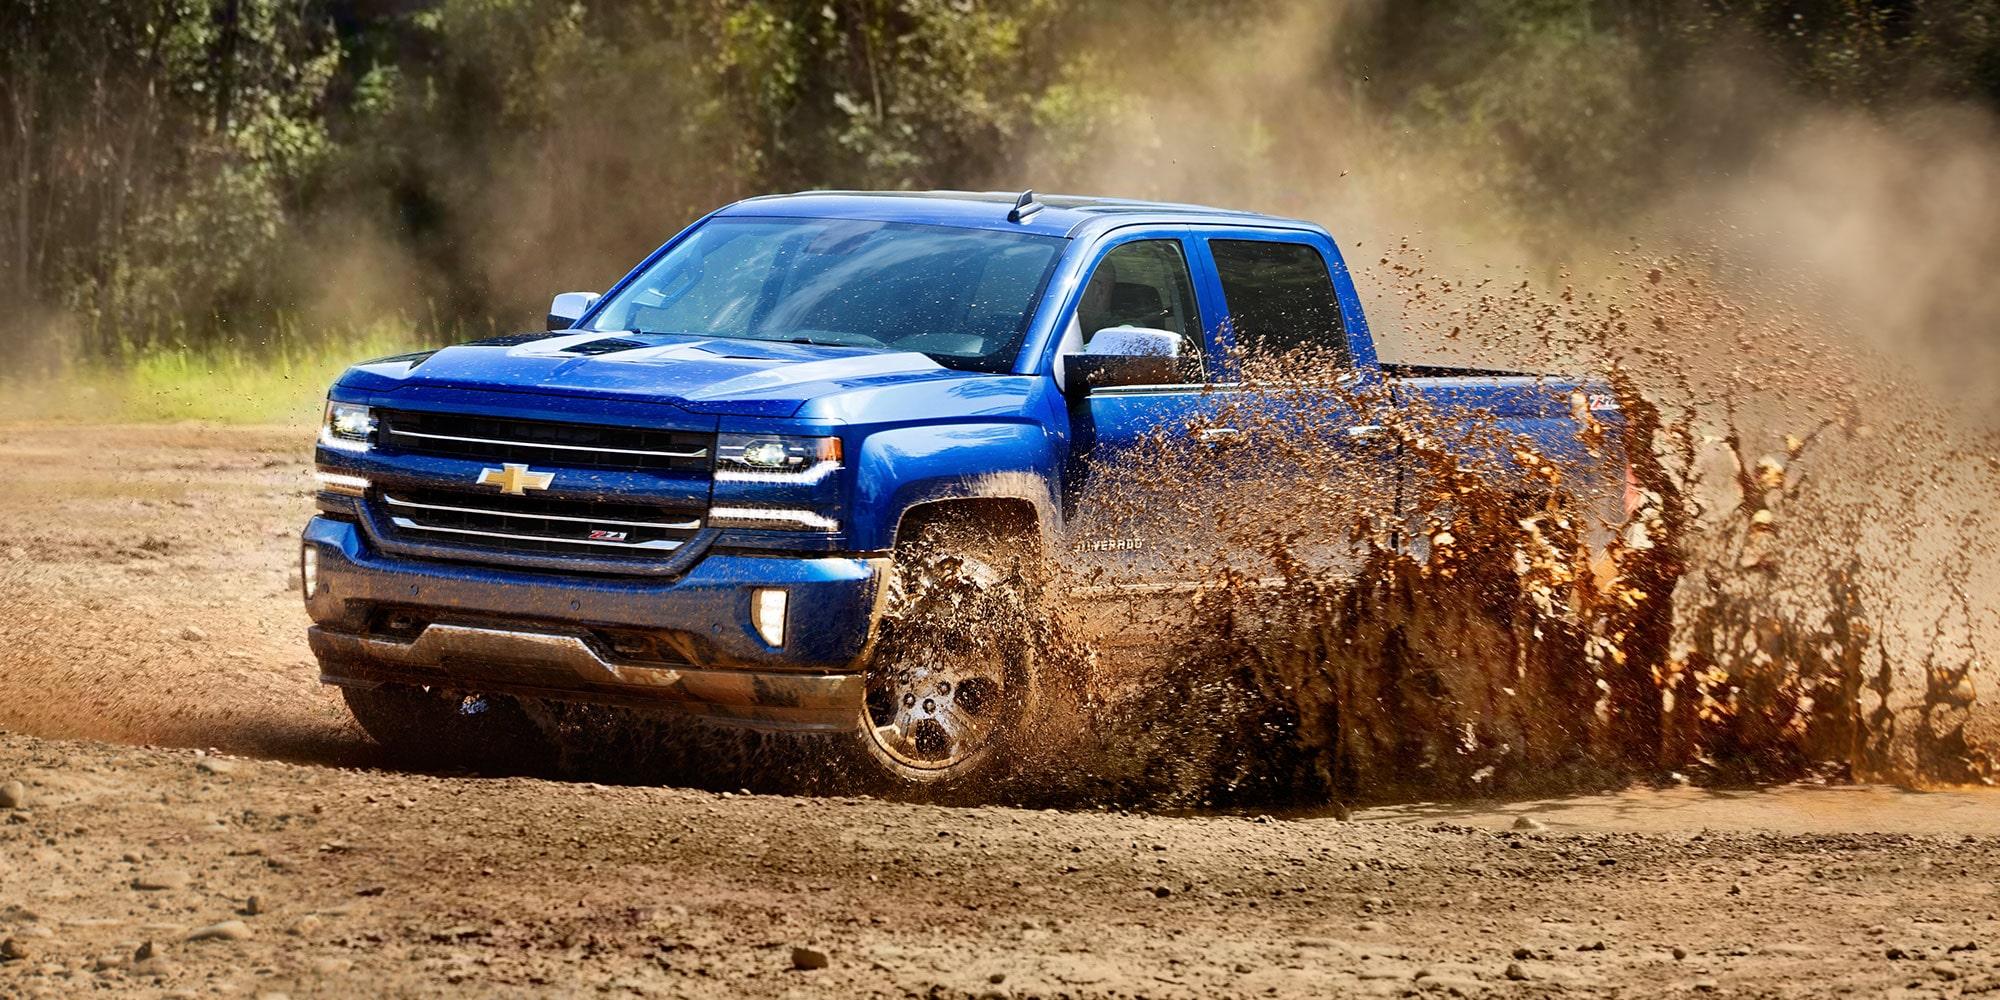 New 2018 Chevy Silverado for sale near Stephens City, VA